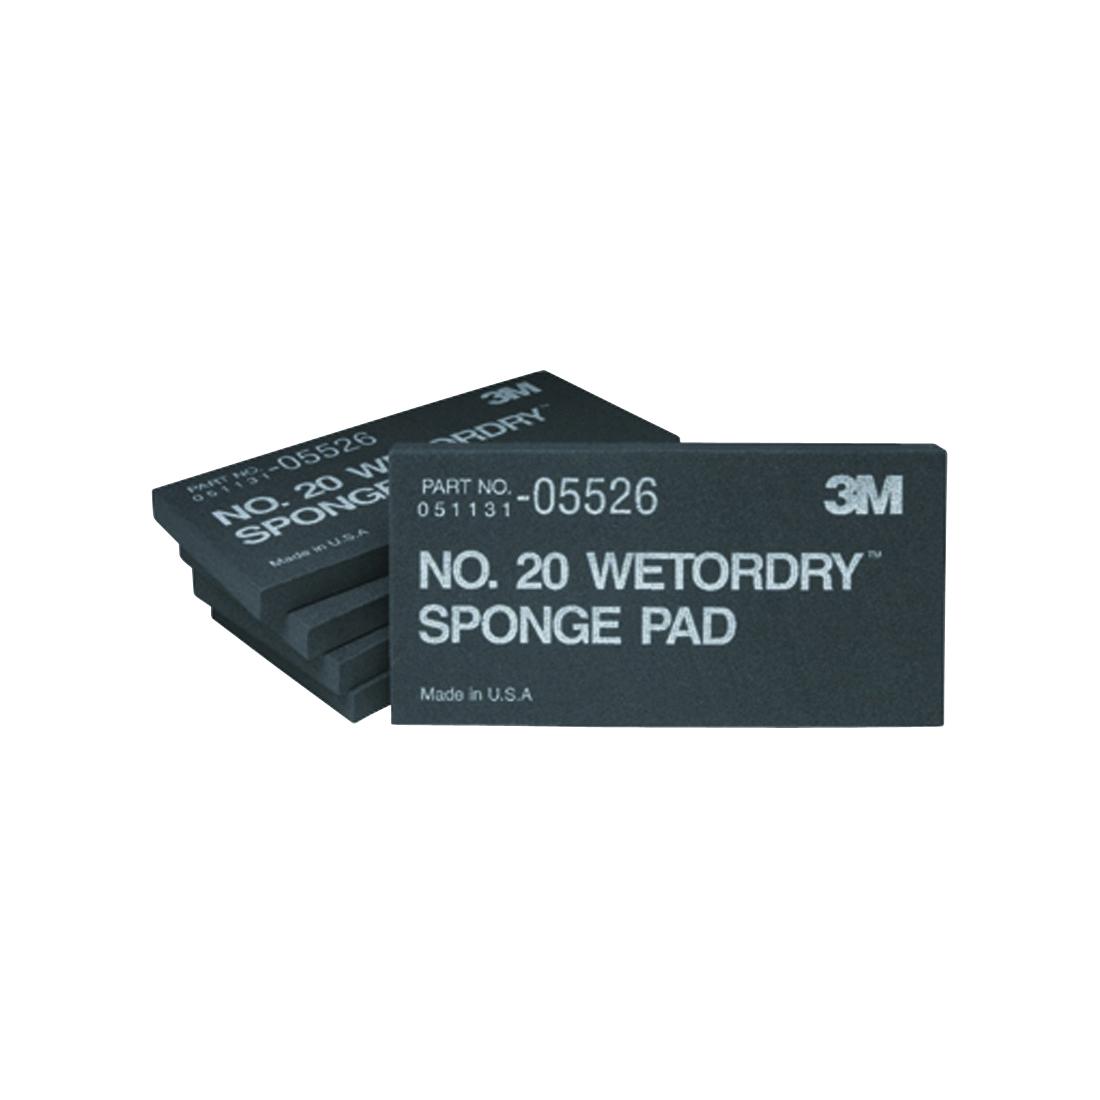 3M™ Wetordry™ 051131-05526 Sponge Pad, 5-1/2 in L x 2-3/4 in W x 3/8 in THK